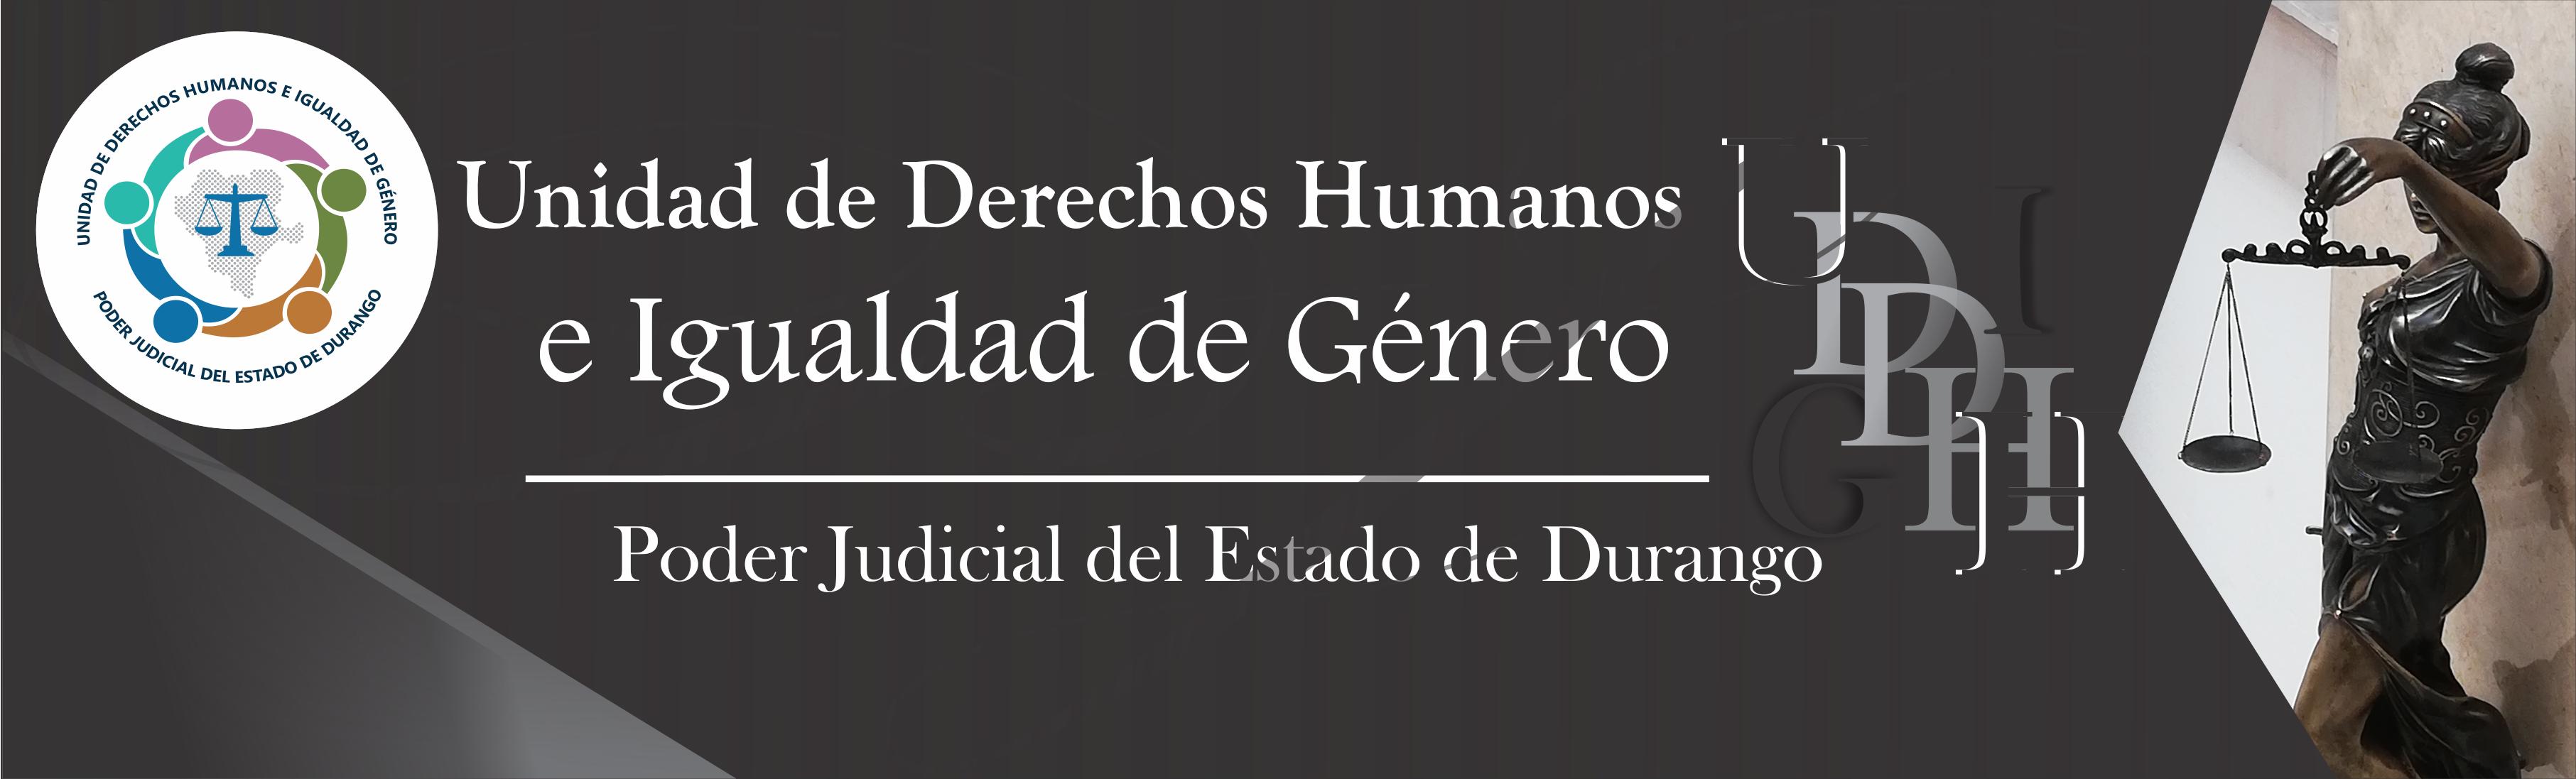 Unidad de Derechos Humanos PJDGO